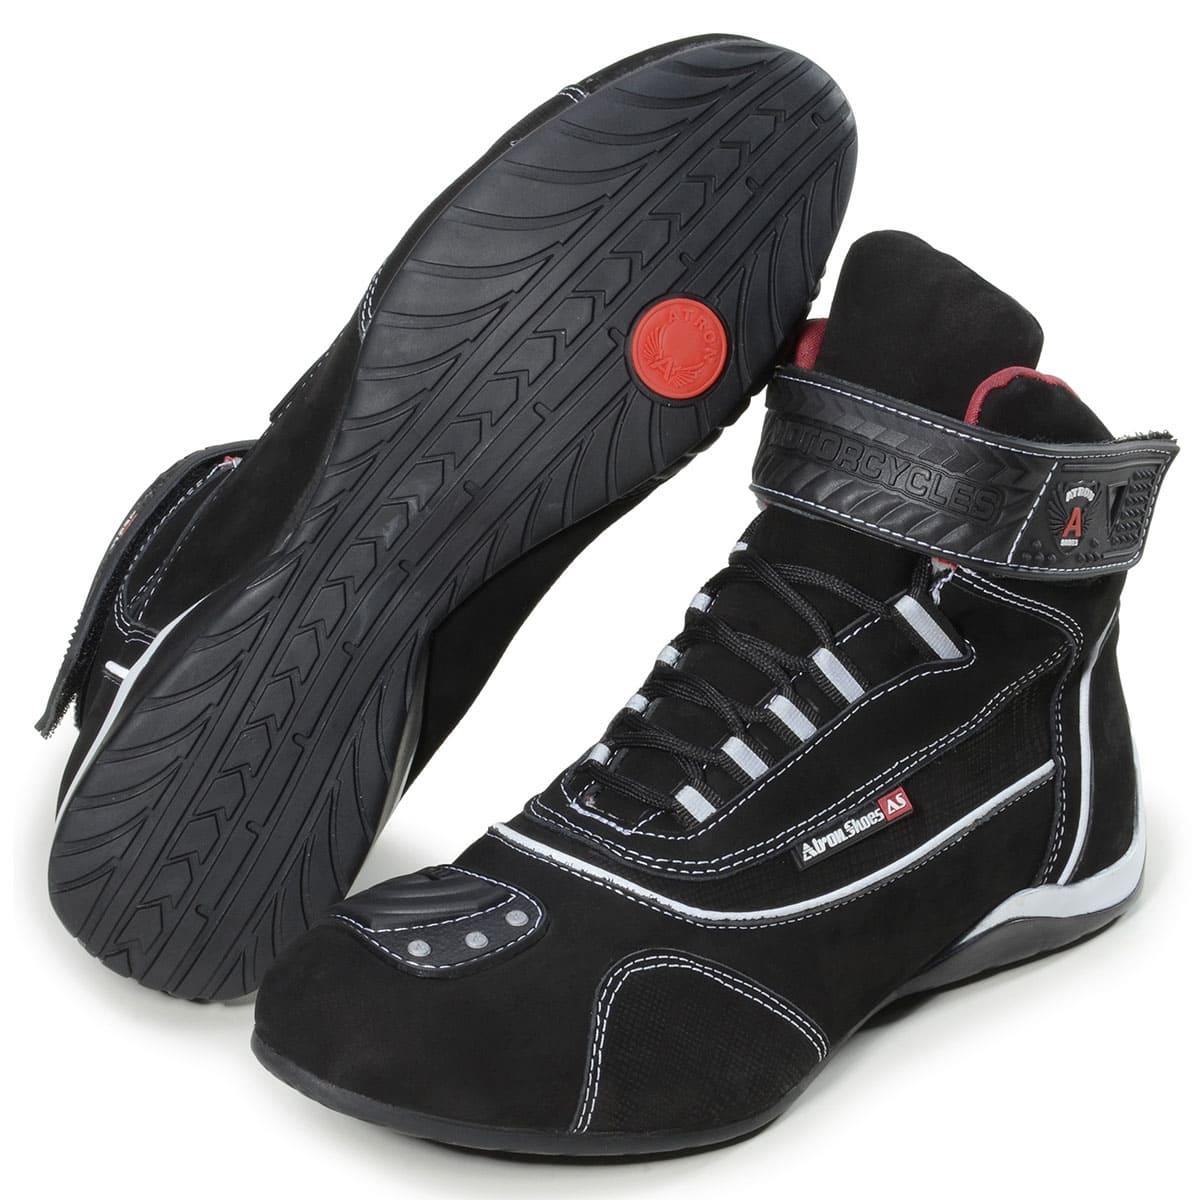 Tênis para motociclista esportivo e academia em couro legítimo 310 com chinelo Atron e carteira de brinde